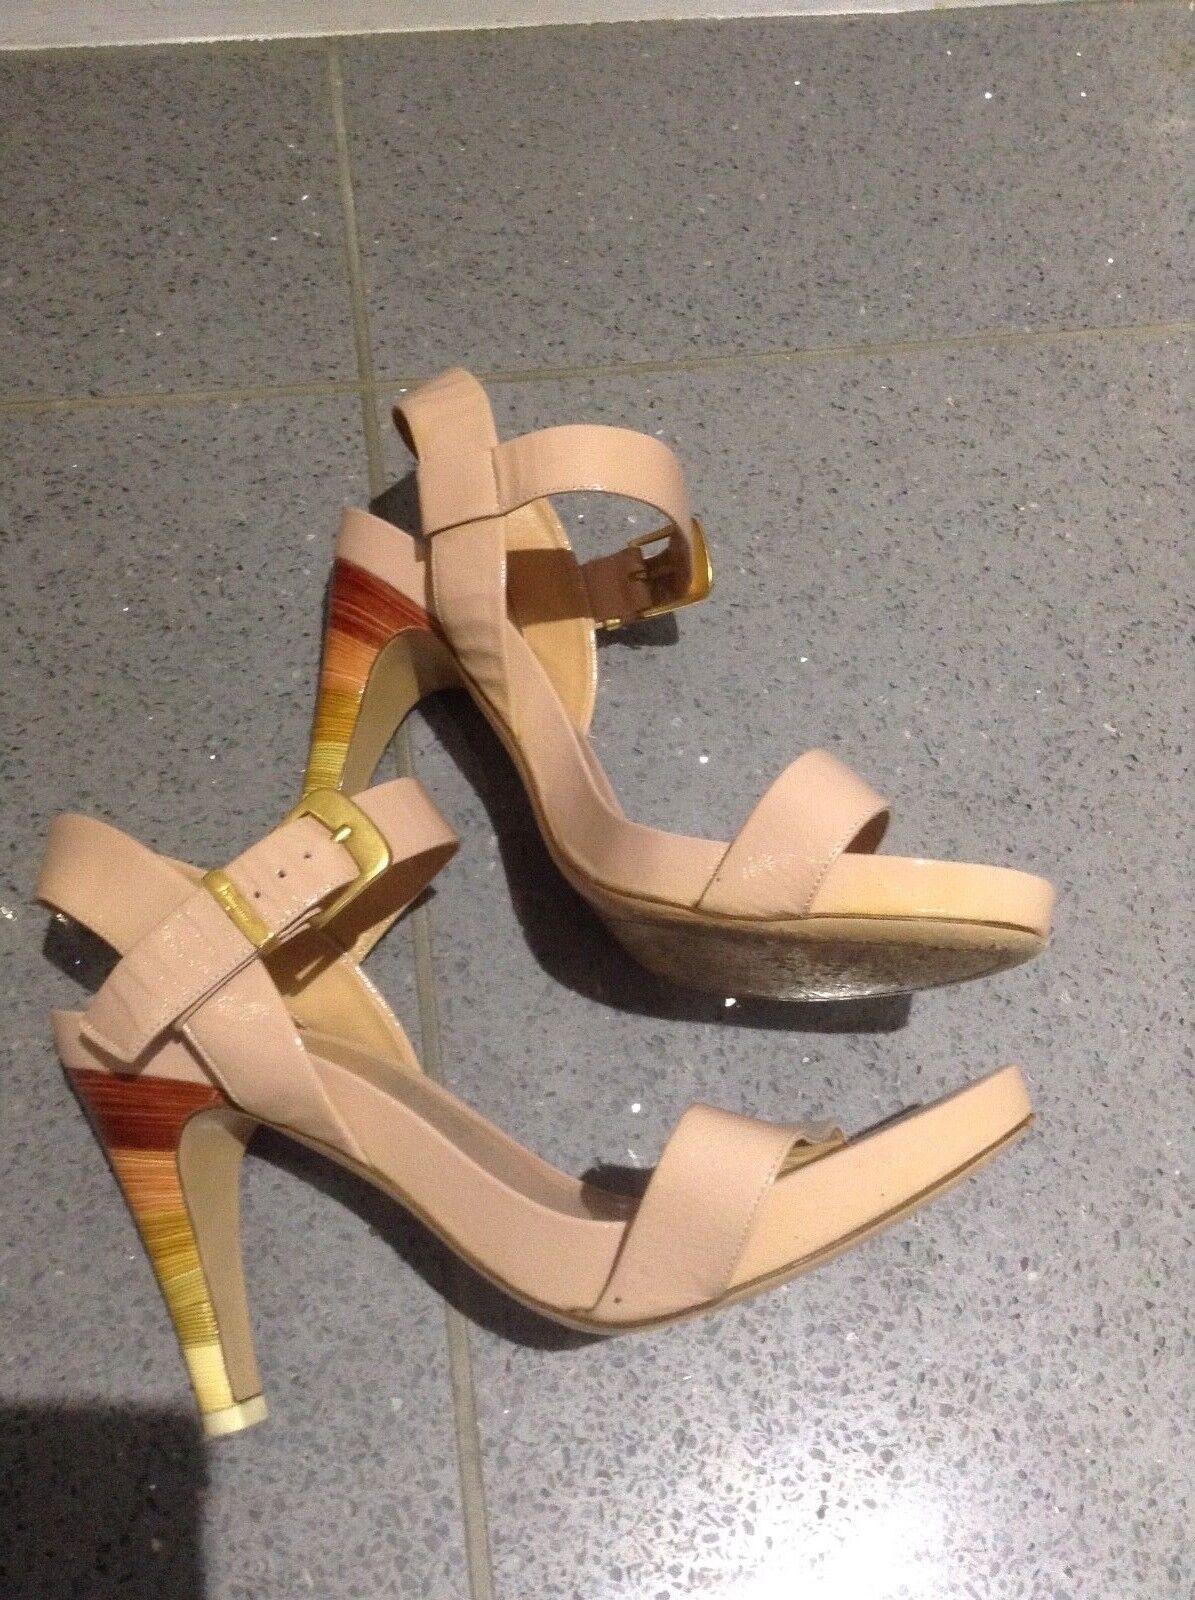 Ferragamo women's women's women's platform pat lea heels fab hardly worn paid  sz 7 1 2  eur b80ea3